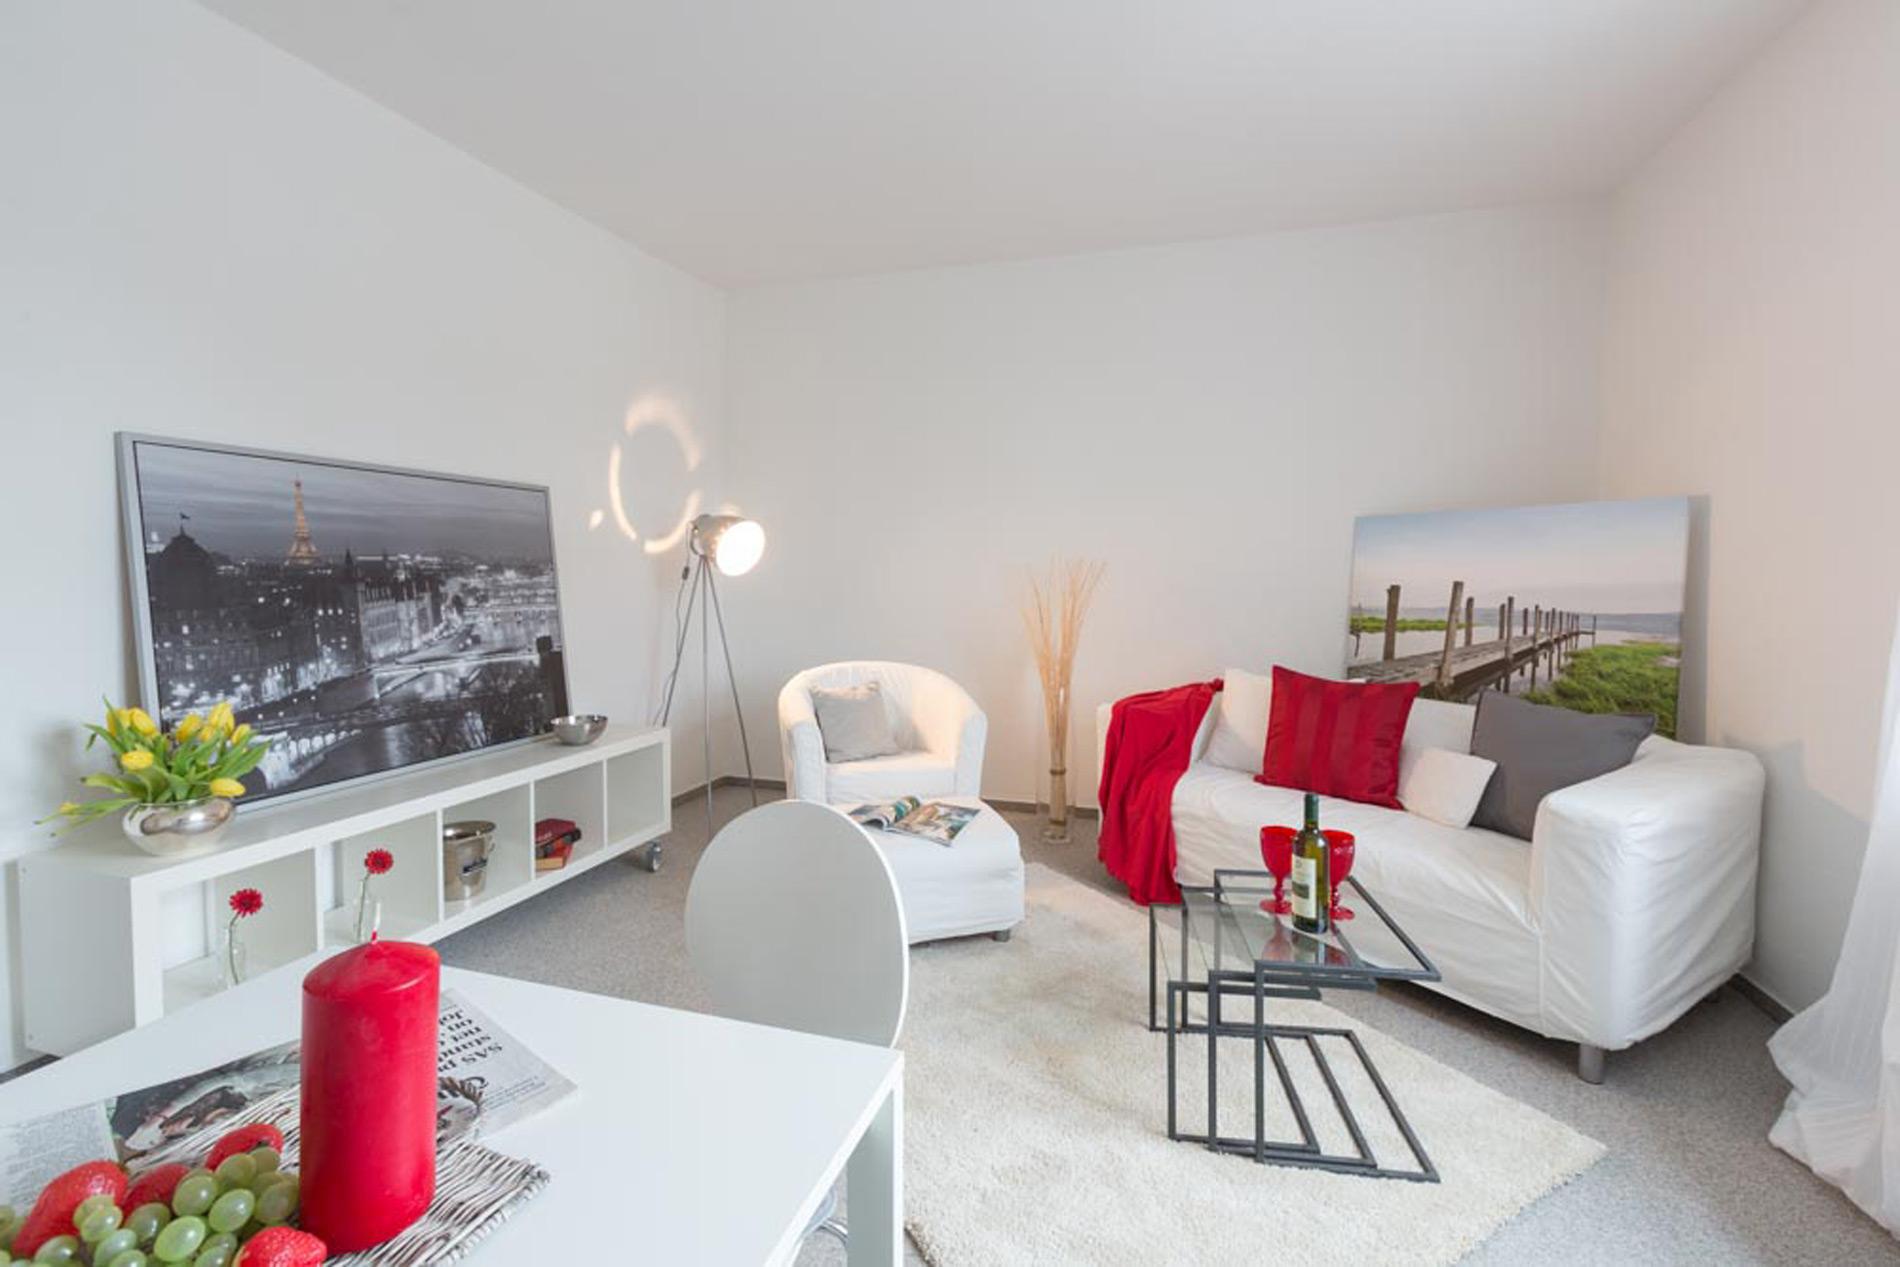 kontakt stilvertrauen hannover by ulrike krasemann. Black Bedroom Furniture Sets. Home Design Ideas